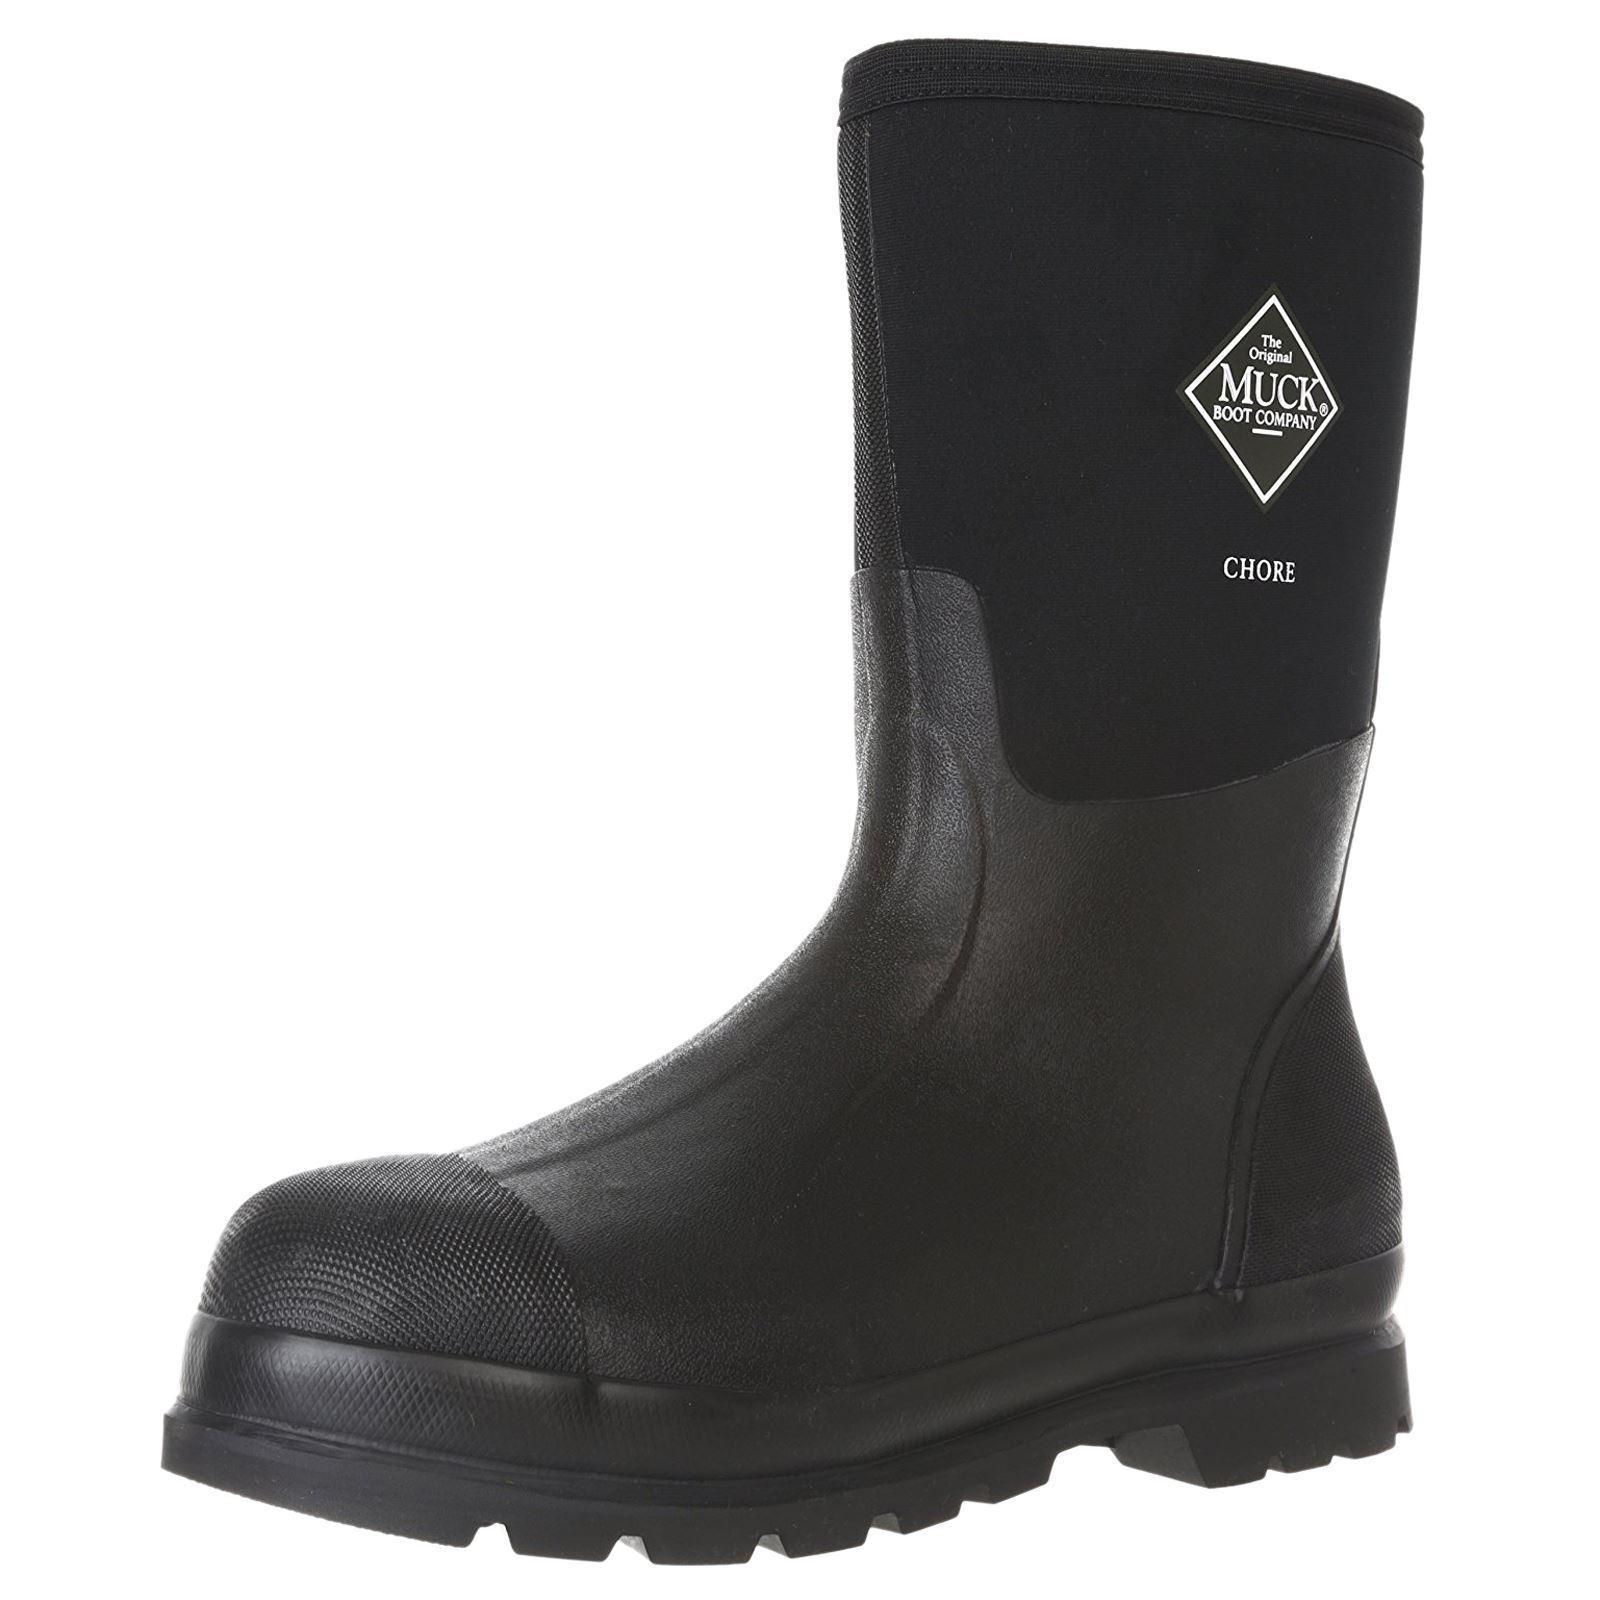 Muck Unisex Chore Textile Boots